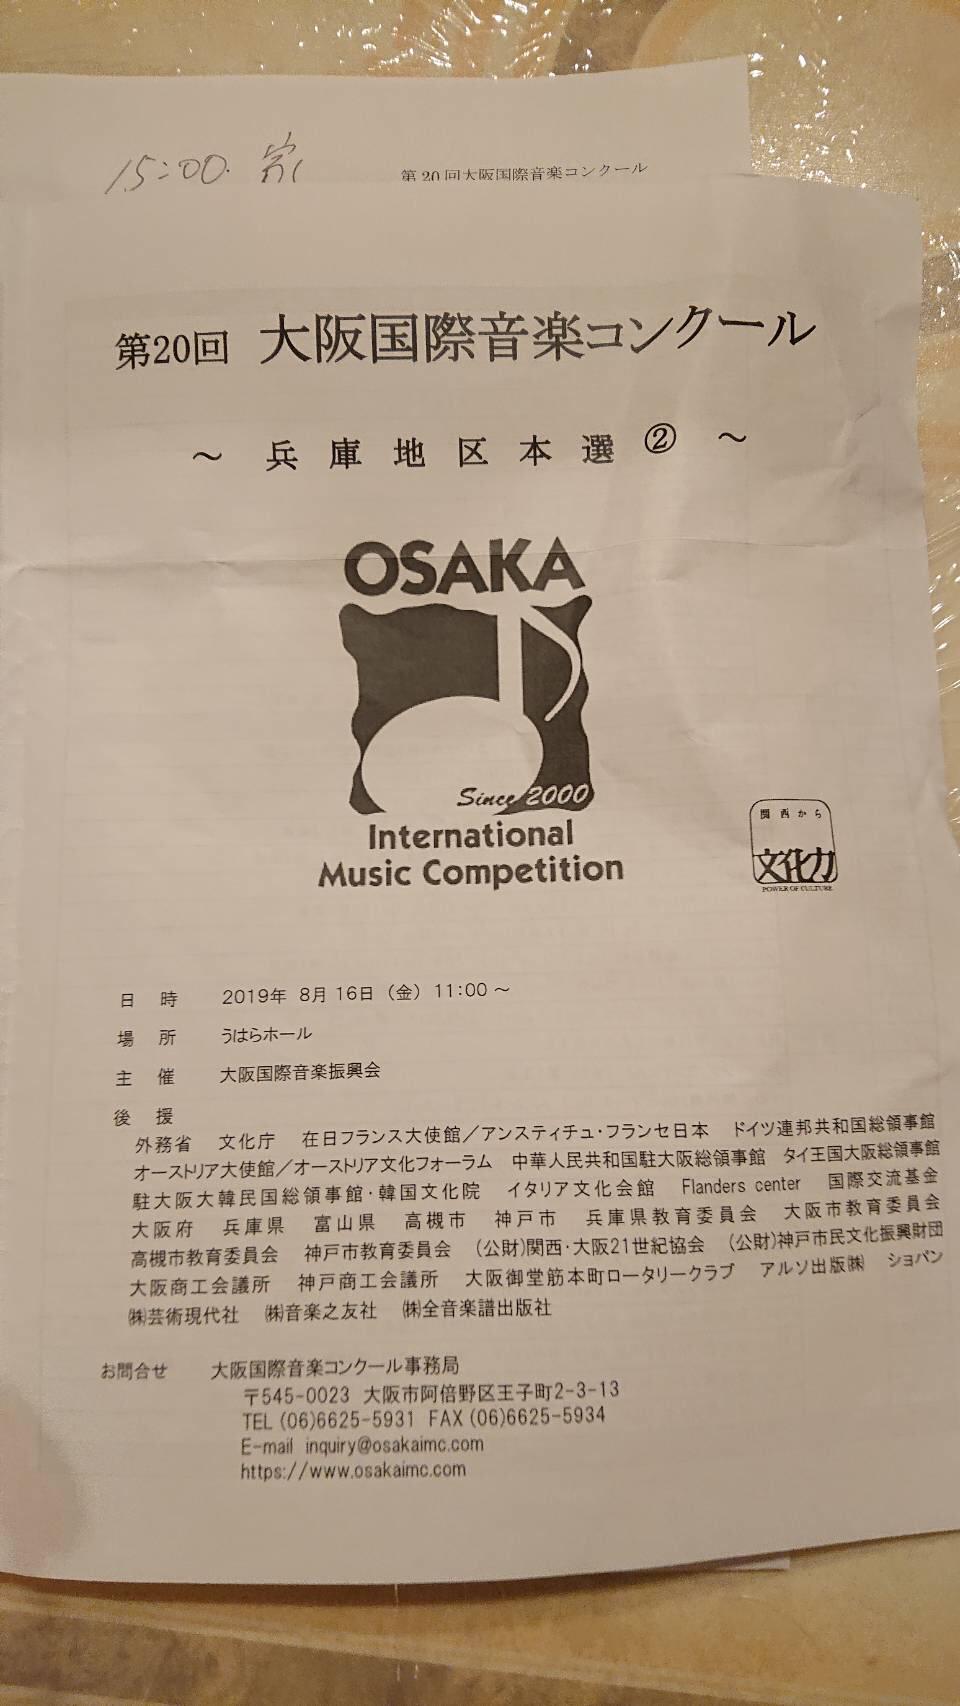 第20回大阪国際音楽コンクールファイルへ向けて_b0191609_21143450.jpg